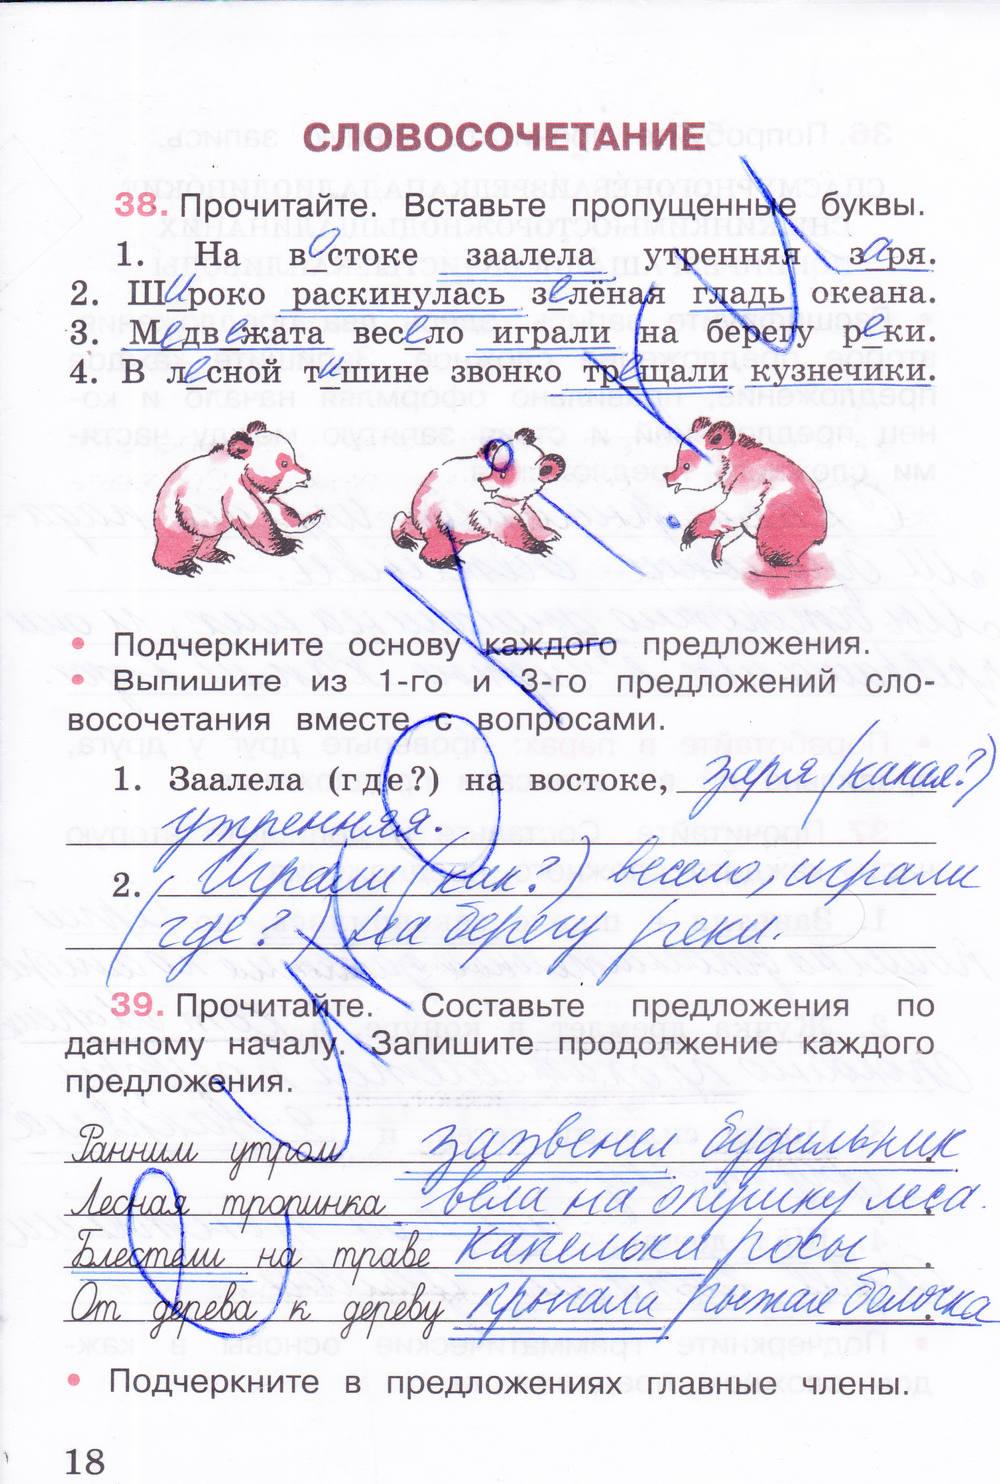 тетрадь 3 класс гдз рускому по рабочая языку